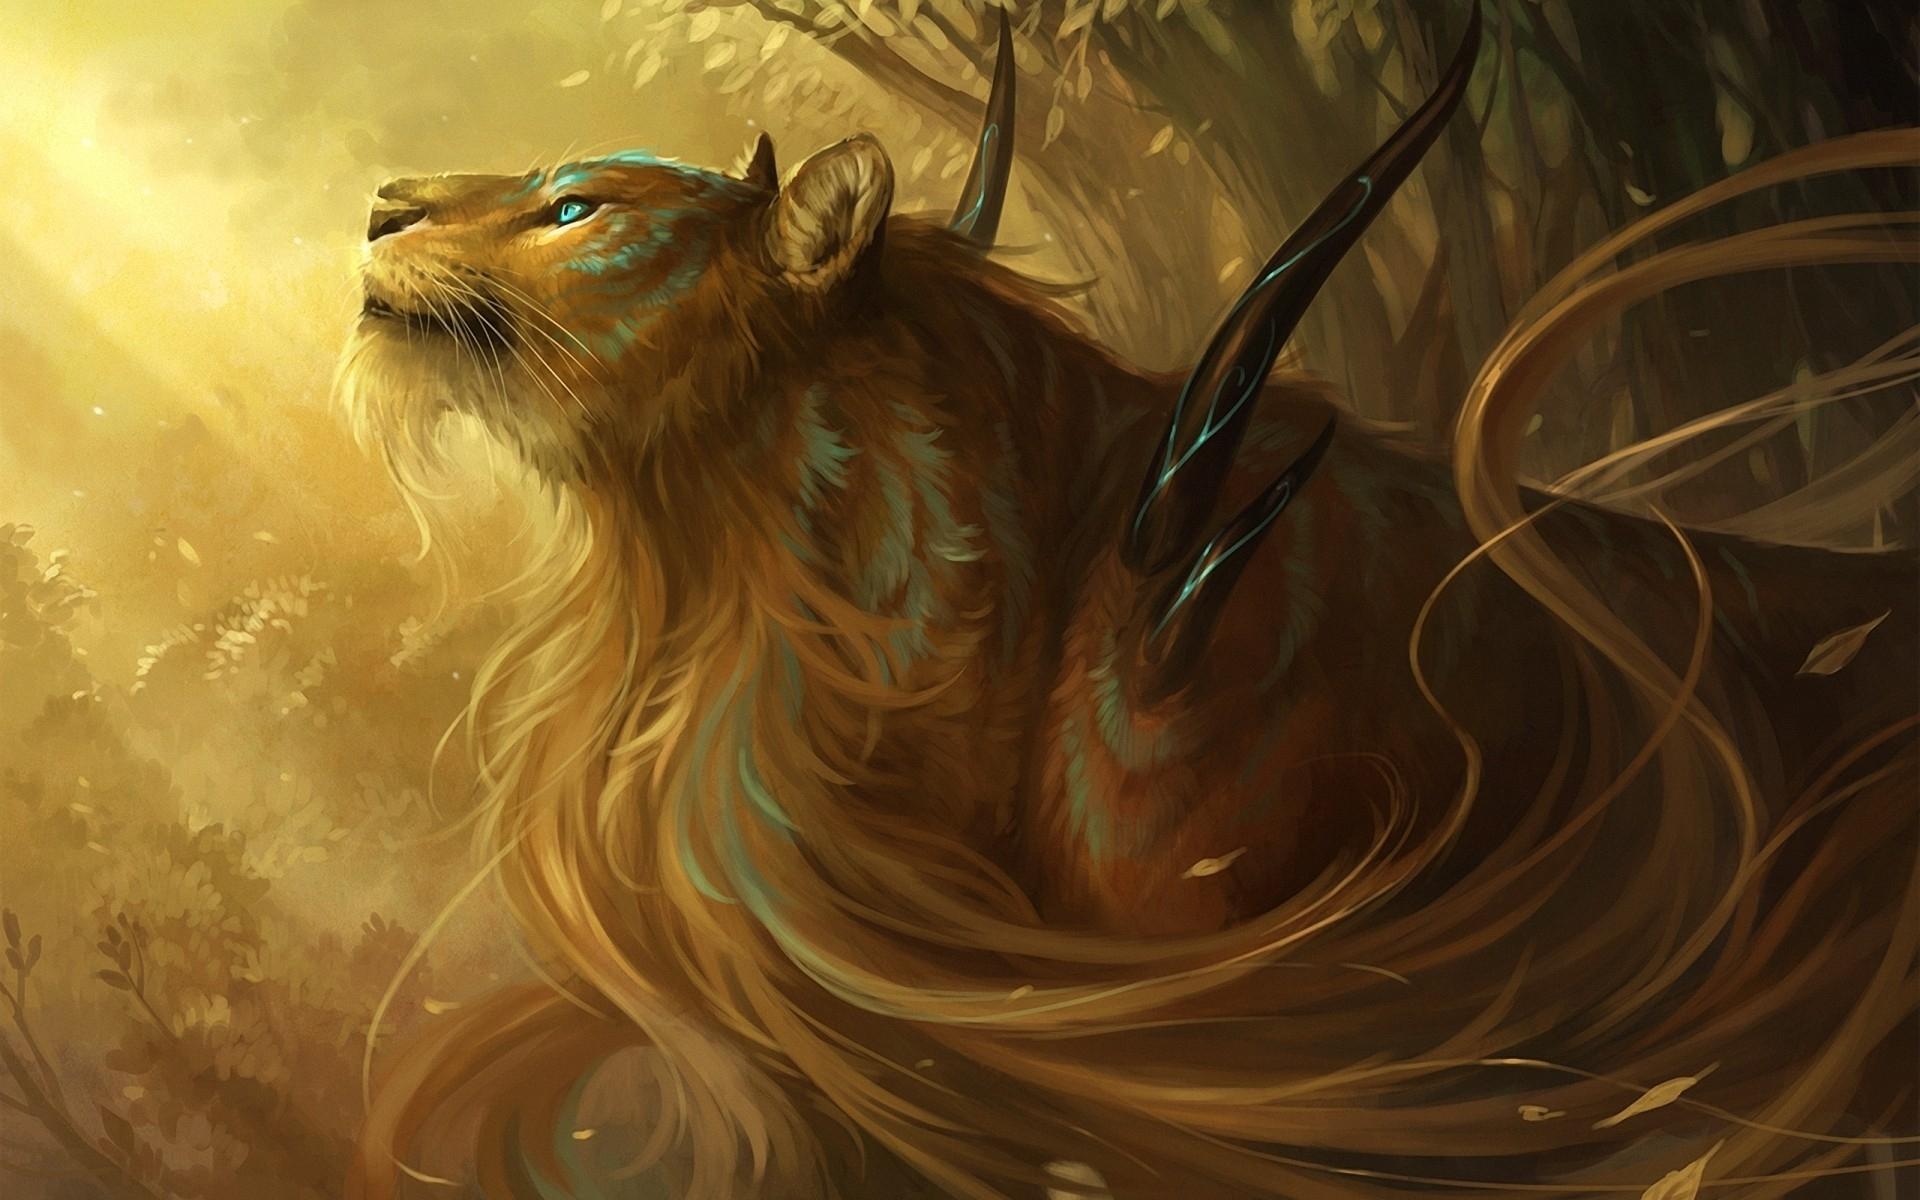 мифический лев картинки встречала